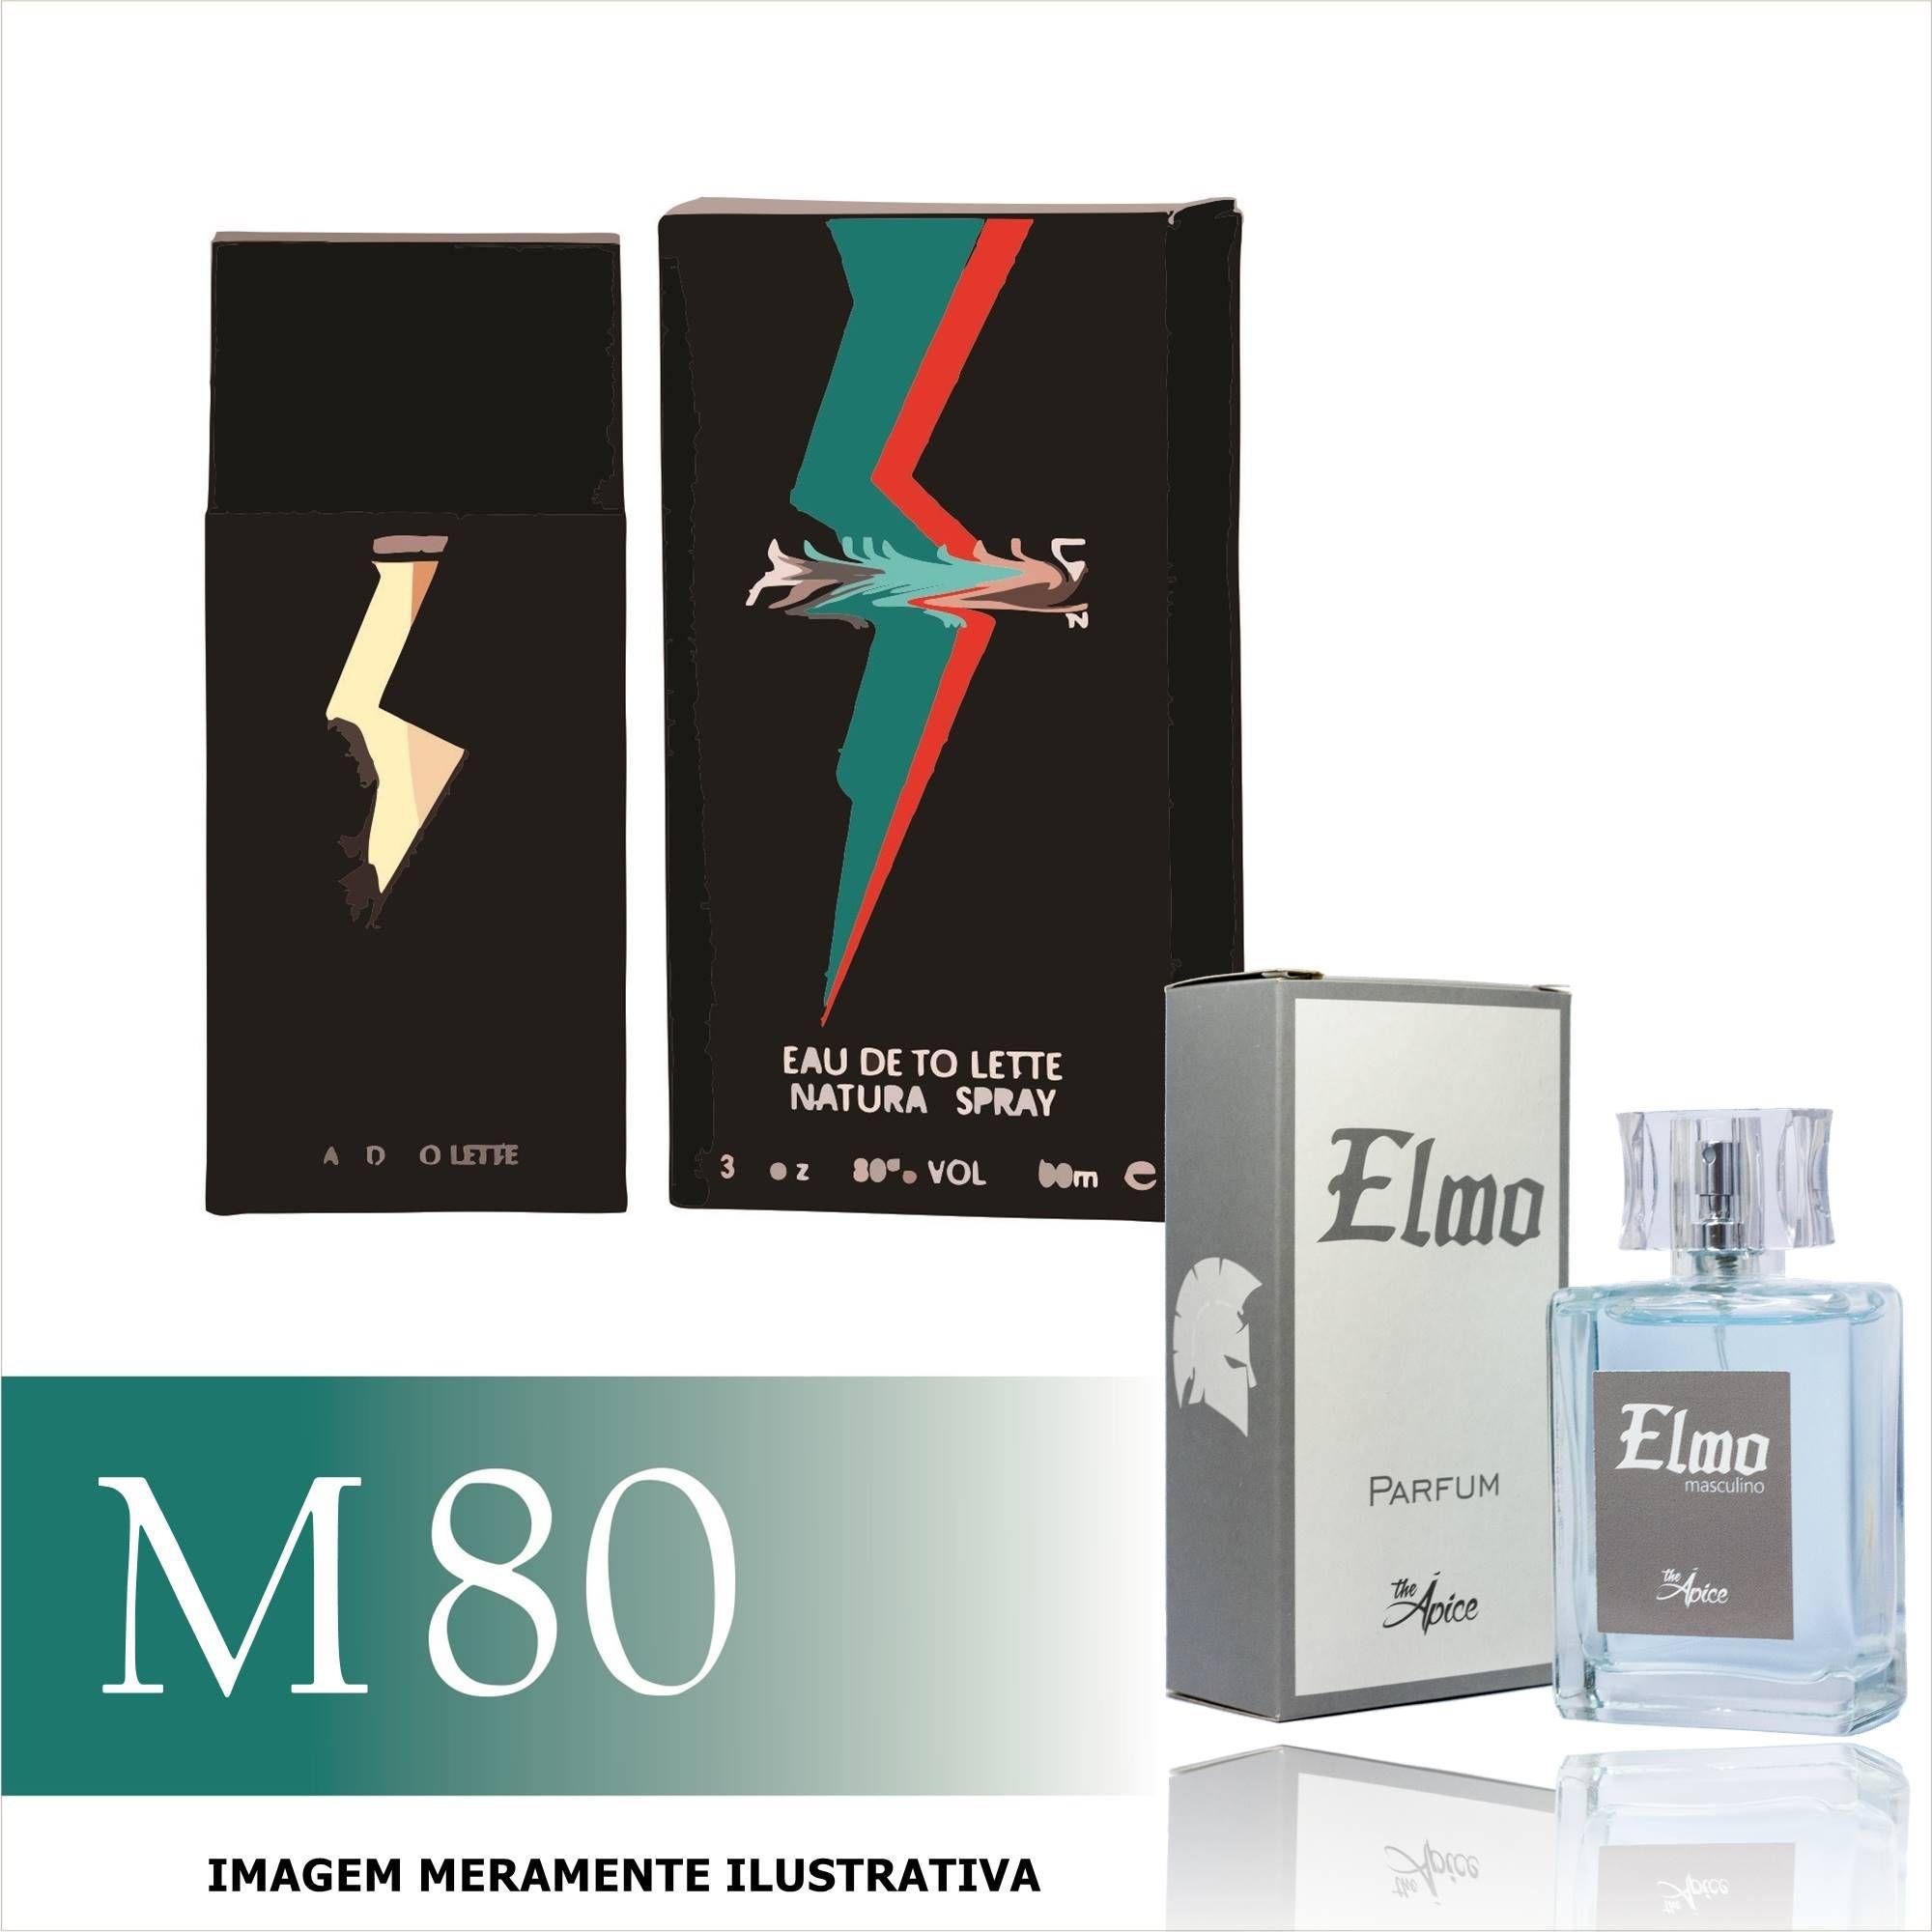 Perfume M80 Inspirado no Animale For Men da Animale Masculino